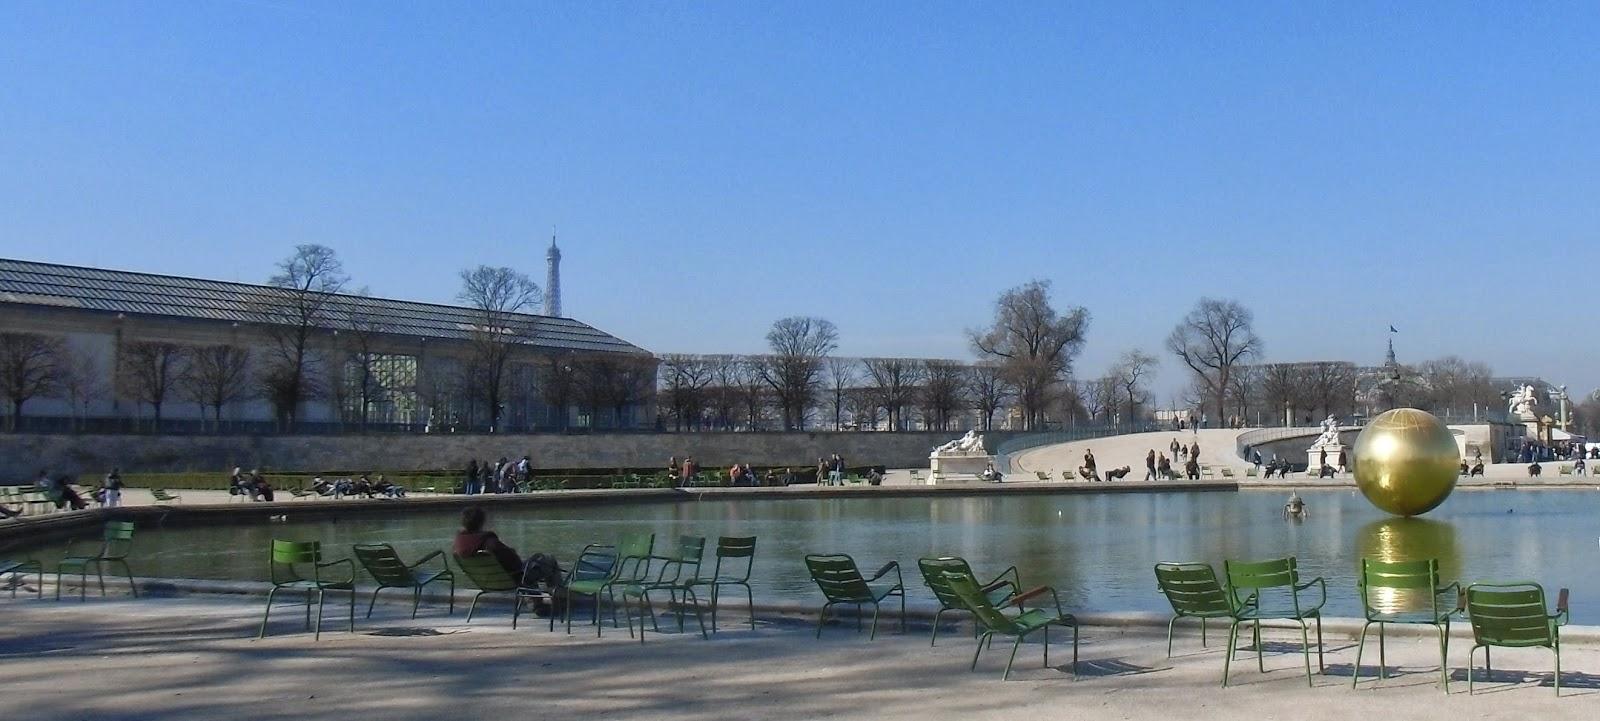 La rte le p re d 39 ulysse les chaises et les bancs de paris - Jardin d ulysse paris ...